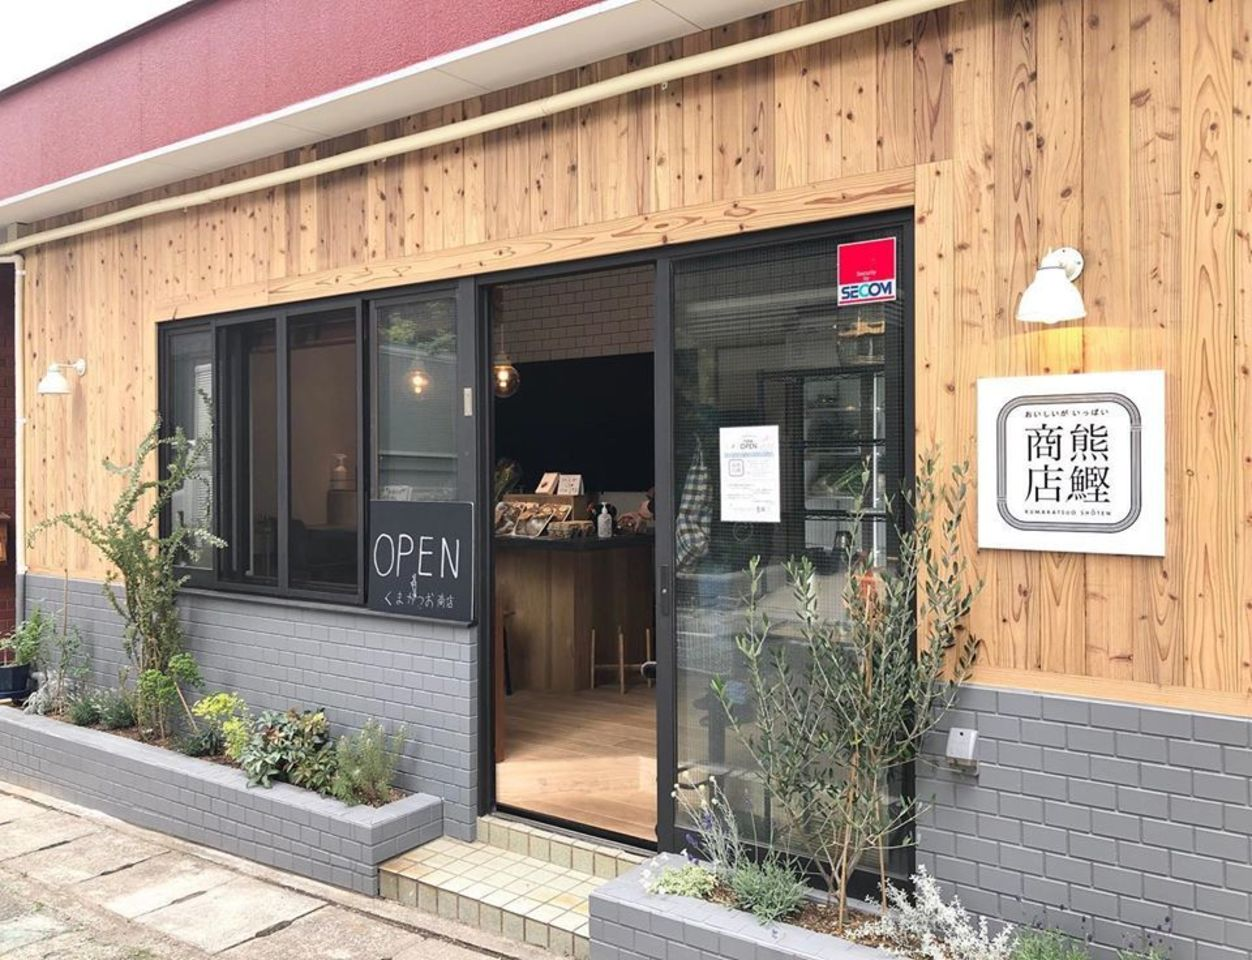 祝!5/12open『熊鰹商店』八百屋(山梨県甲府市)